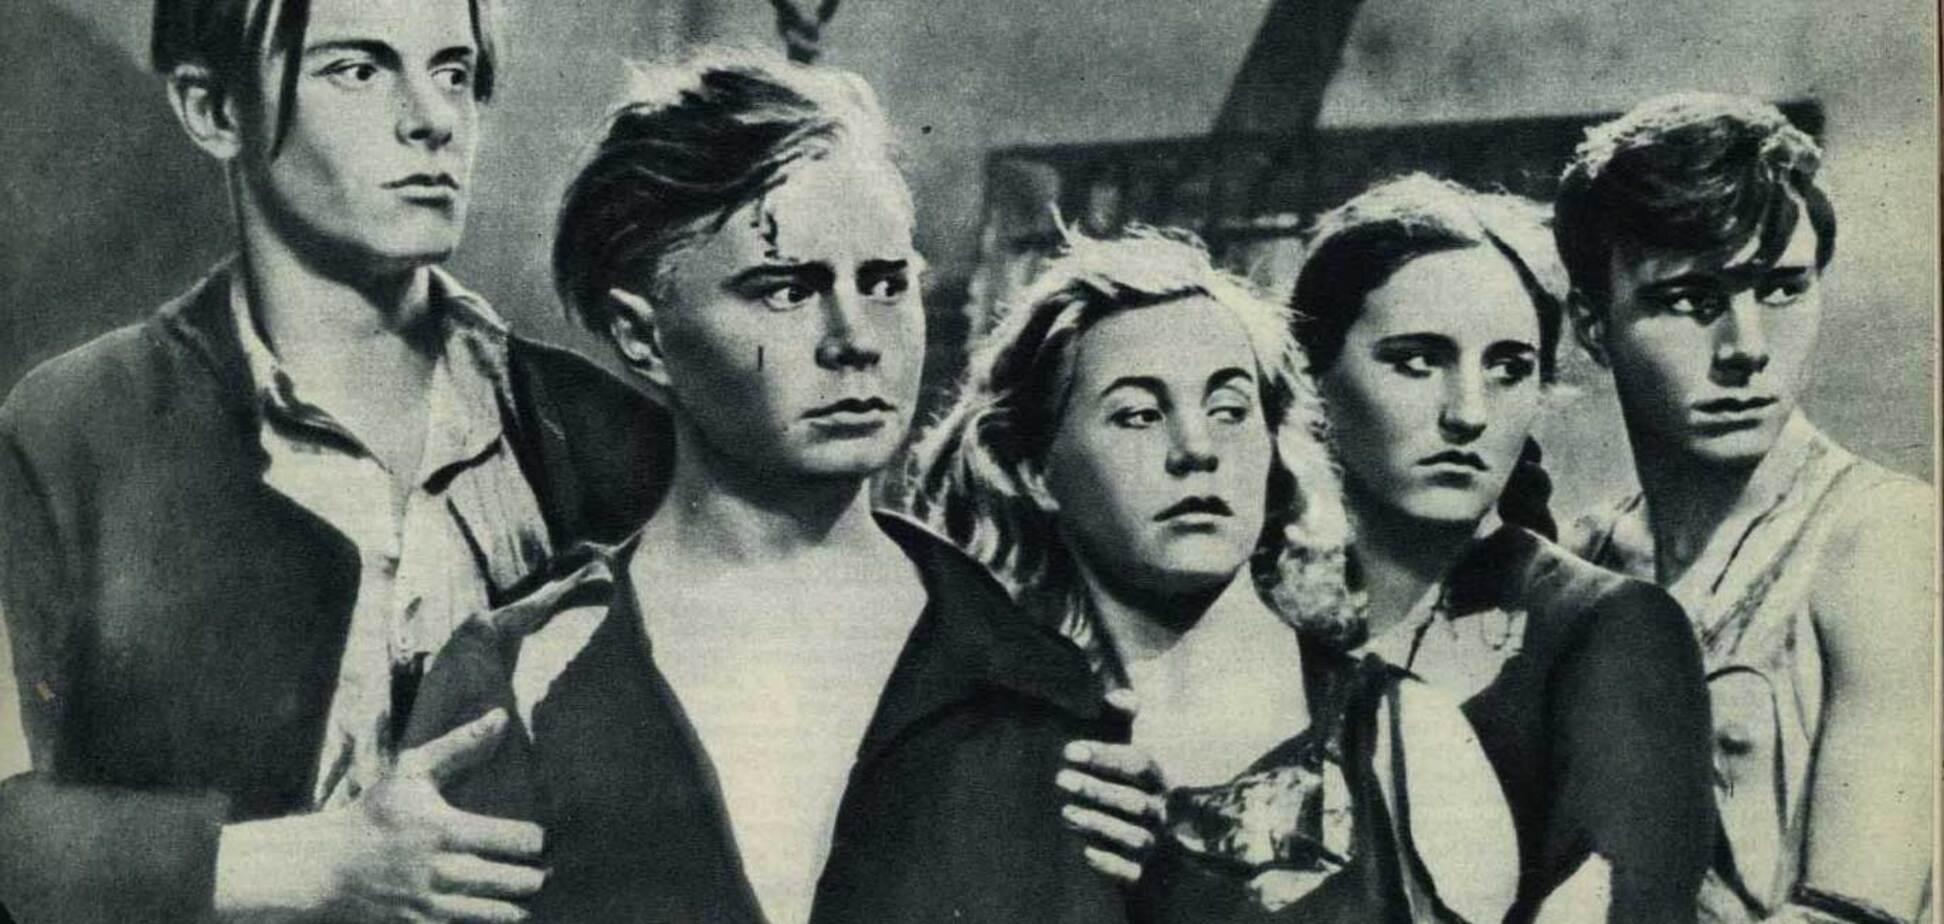 'Молодая гвардия' – миф кремлевской пропаганды, или История, которой не было...